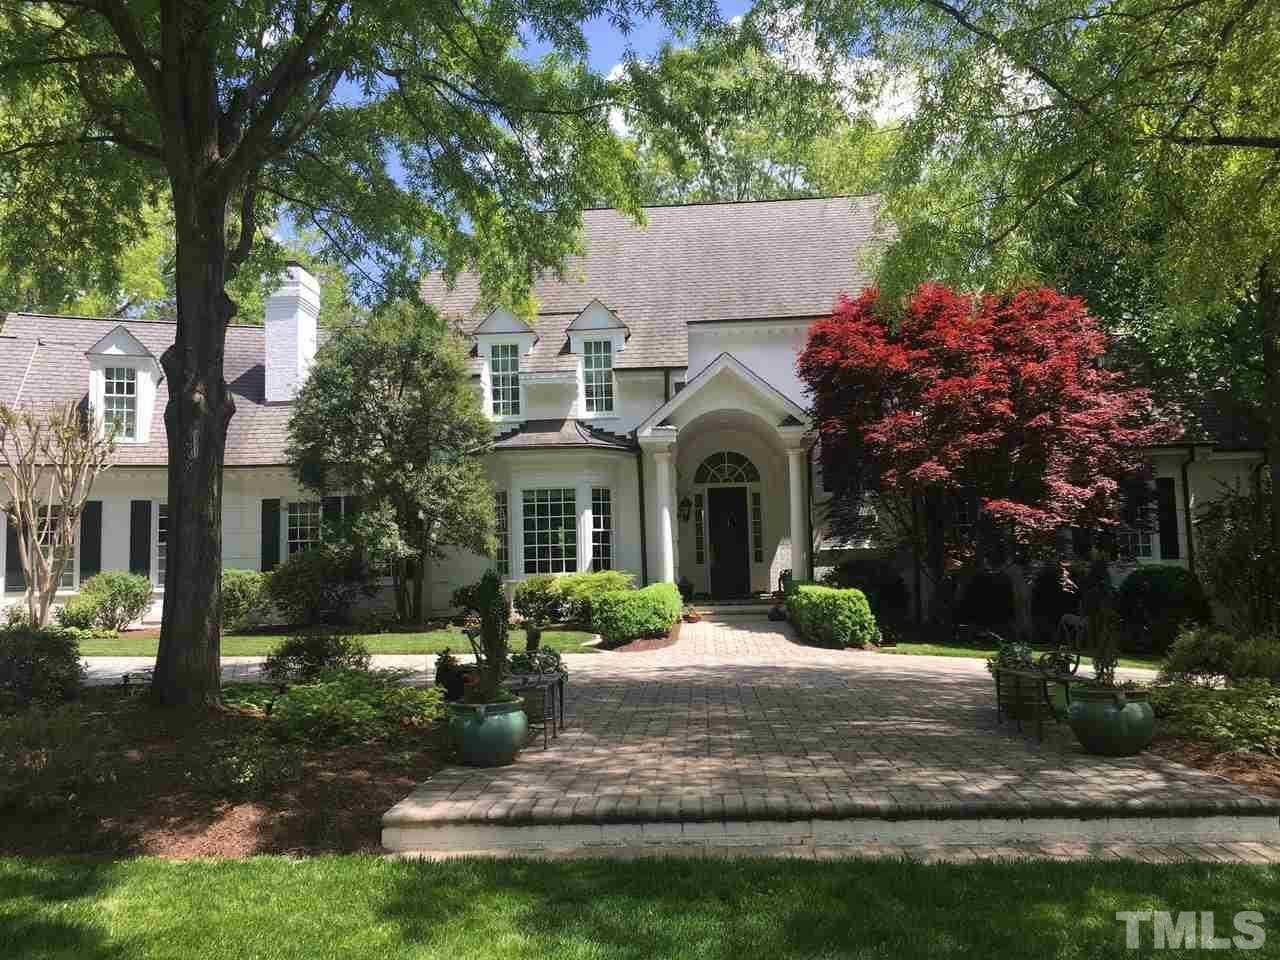 $3,700,000 - 5Br/8Ba -  for Sale in The Oaks, Chapel Hill